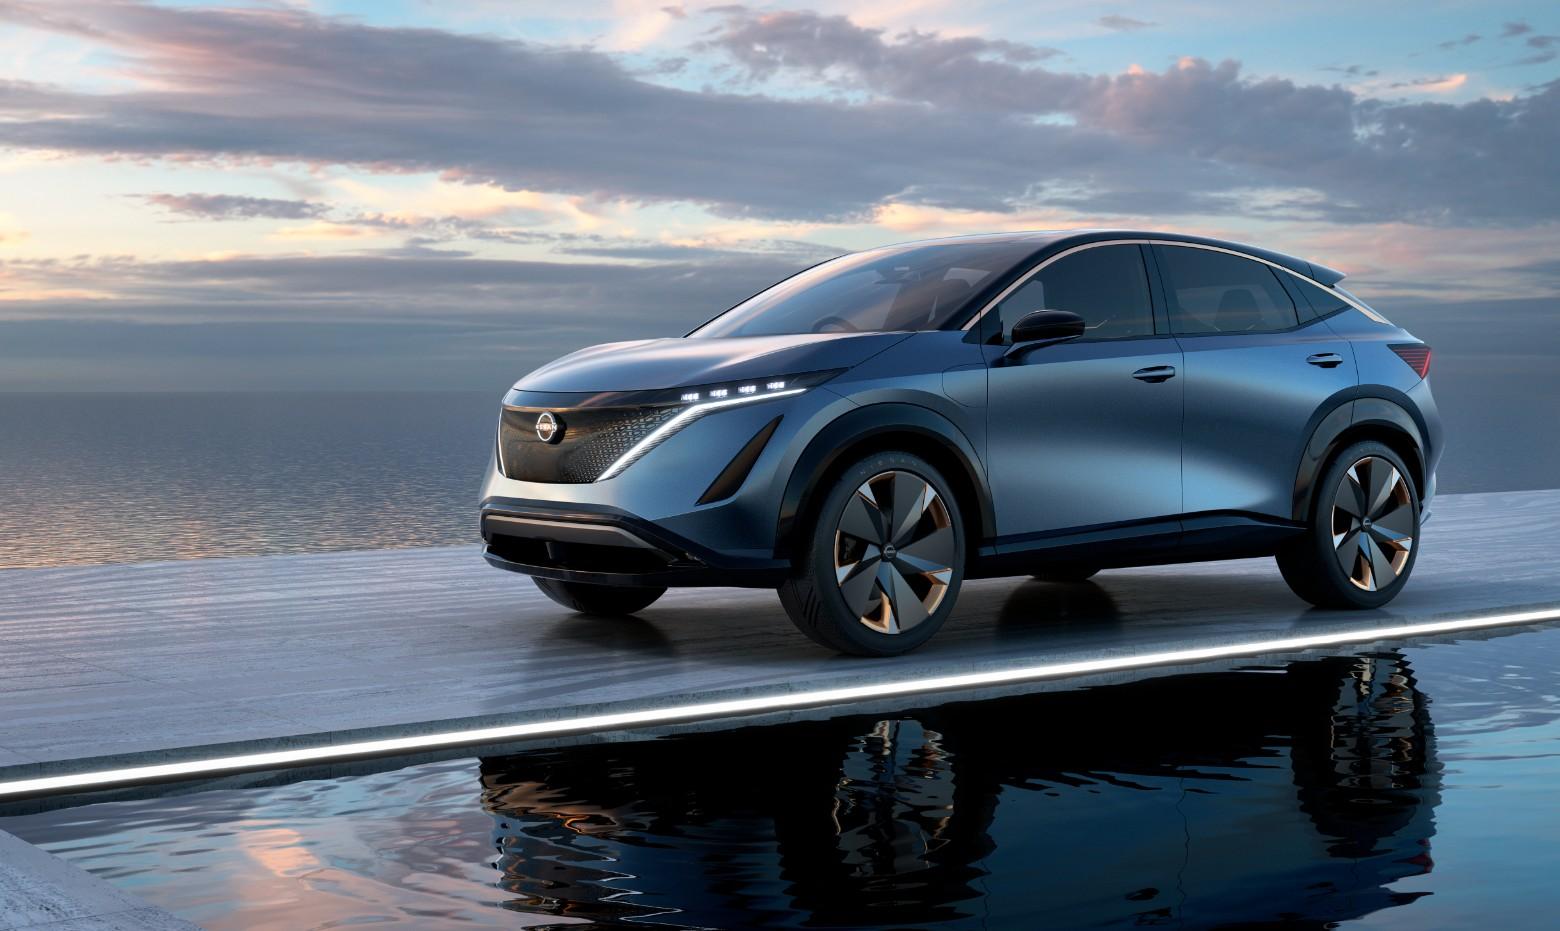 La Nissan Ariya est le premier modèle de l'Alliance à utiliser la nouvelle plateforme de véhicule électrique CMF-EV